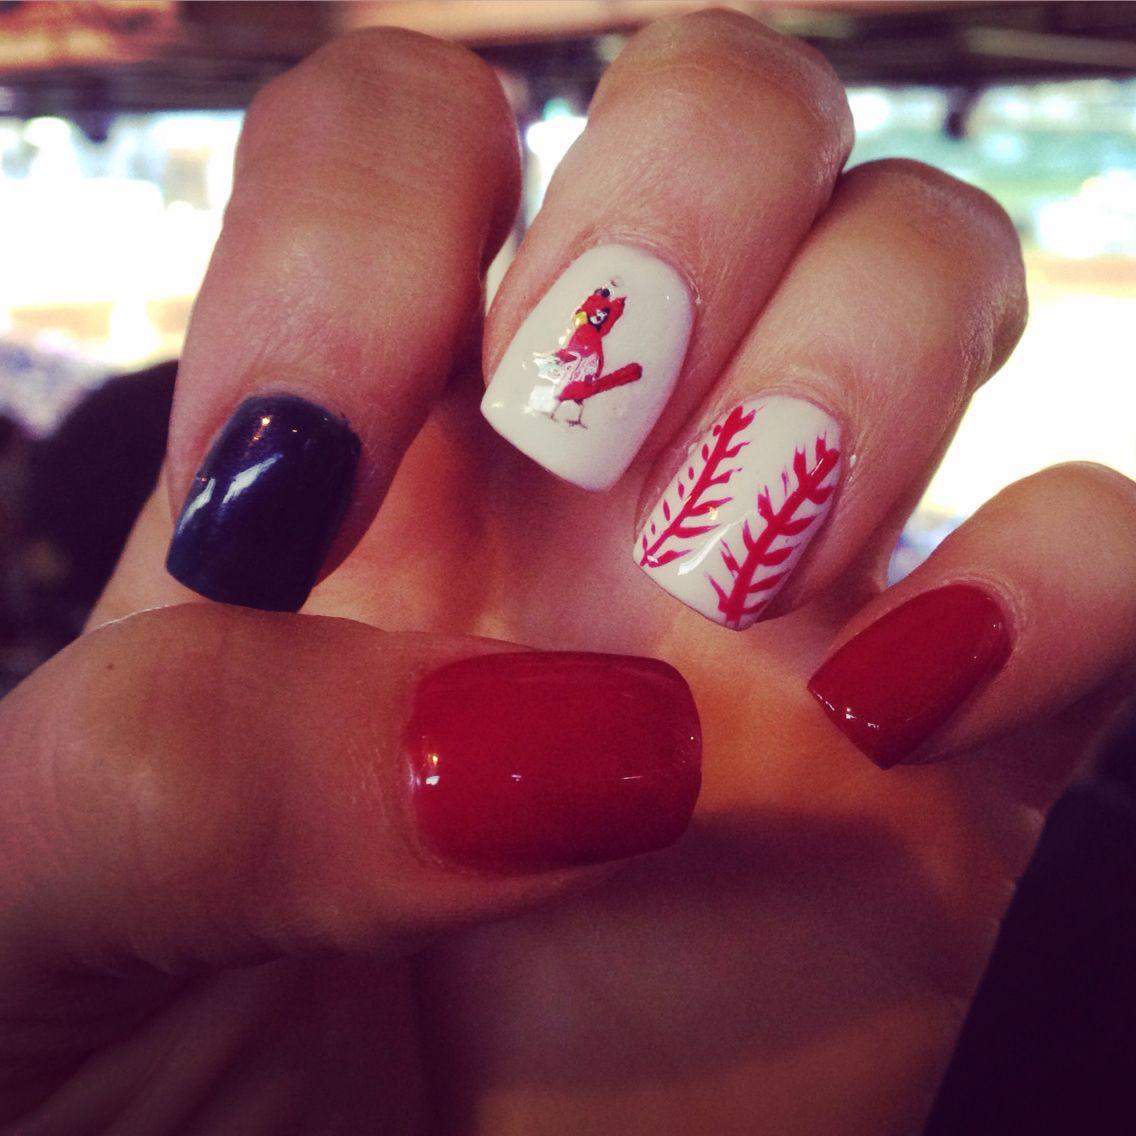 st. louis cardinals baseball nail